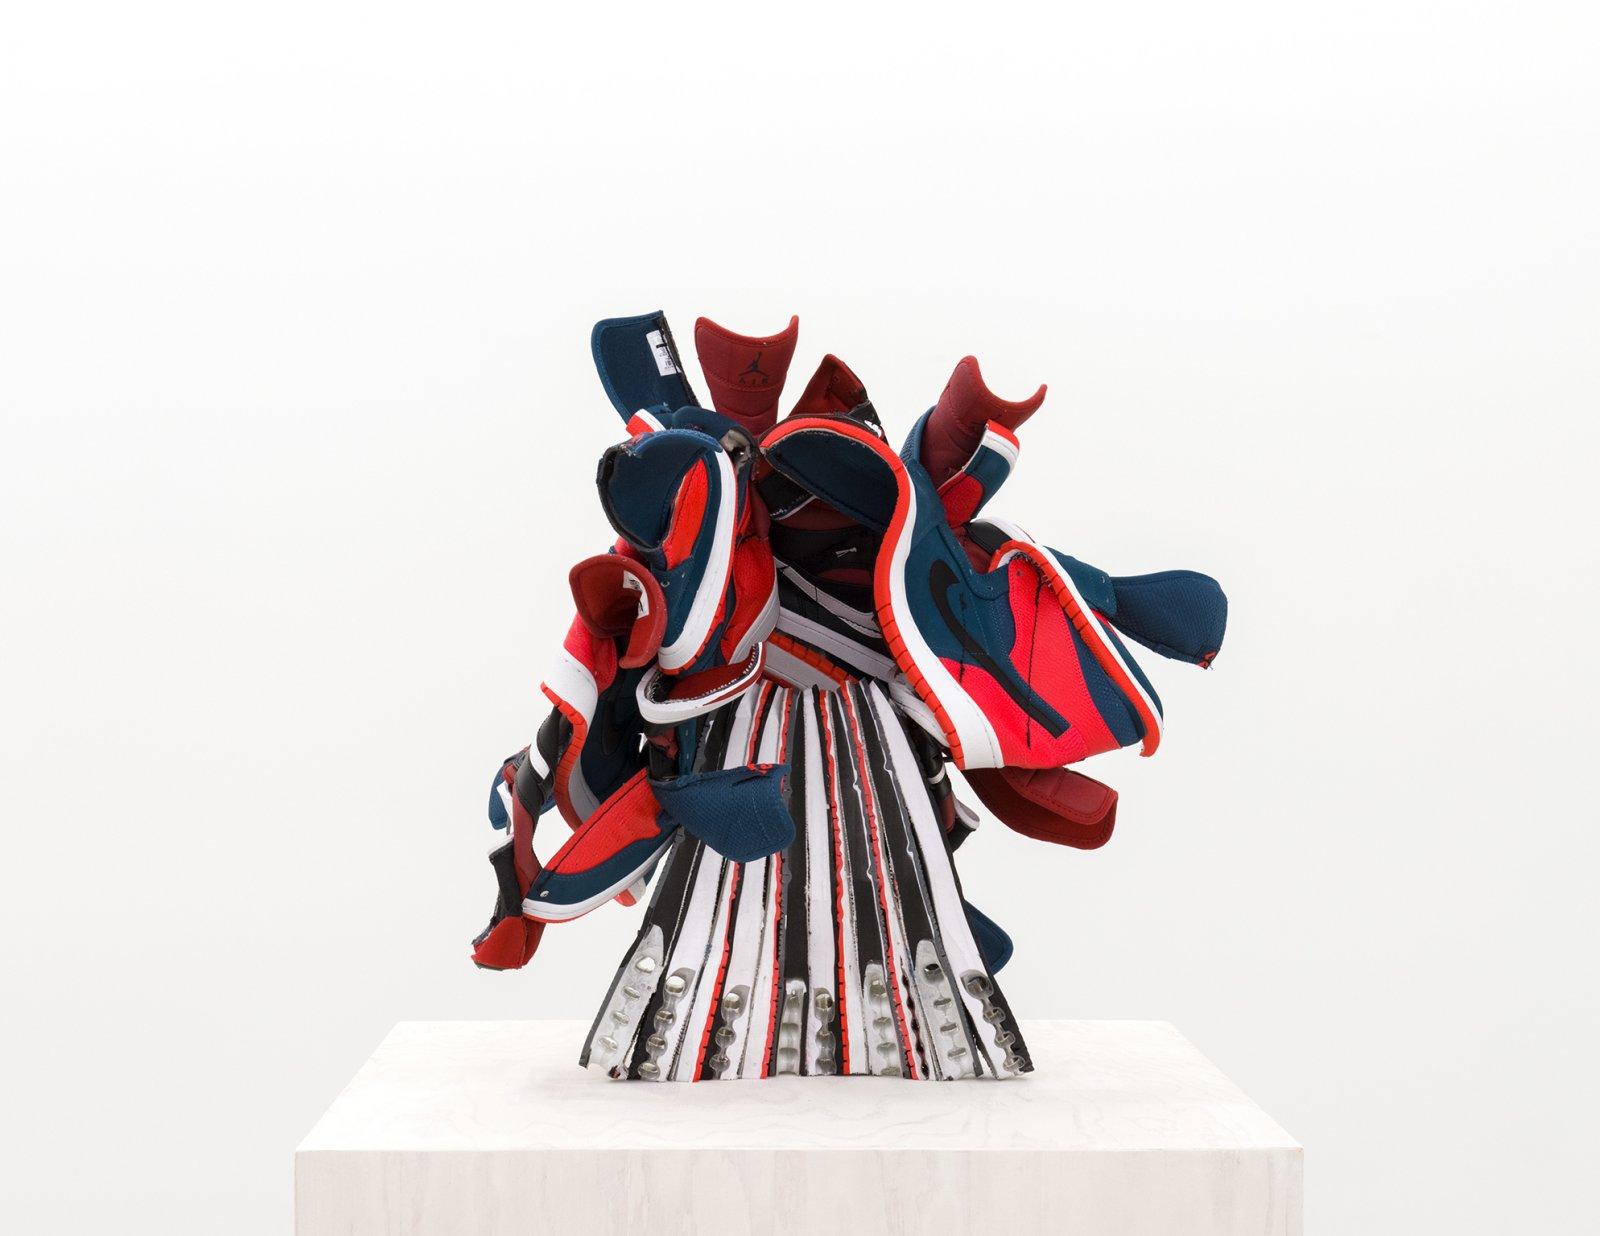 Brian Jungen, Broken Arrangement (detail), 2015–2016, nike air jordans, painted fir plywood, stainless steel, 75 x 24 x 24 in. (191 x 61 x 61 cm) by Brian Jungen